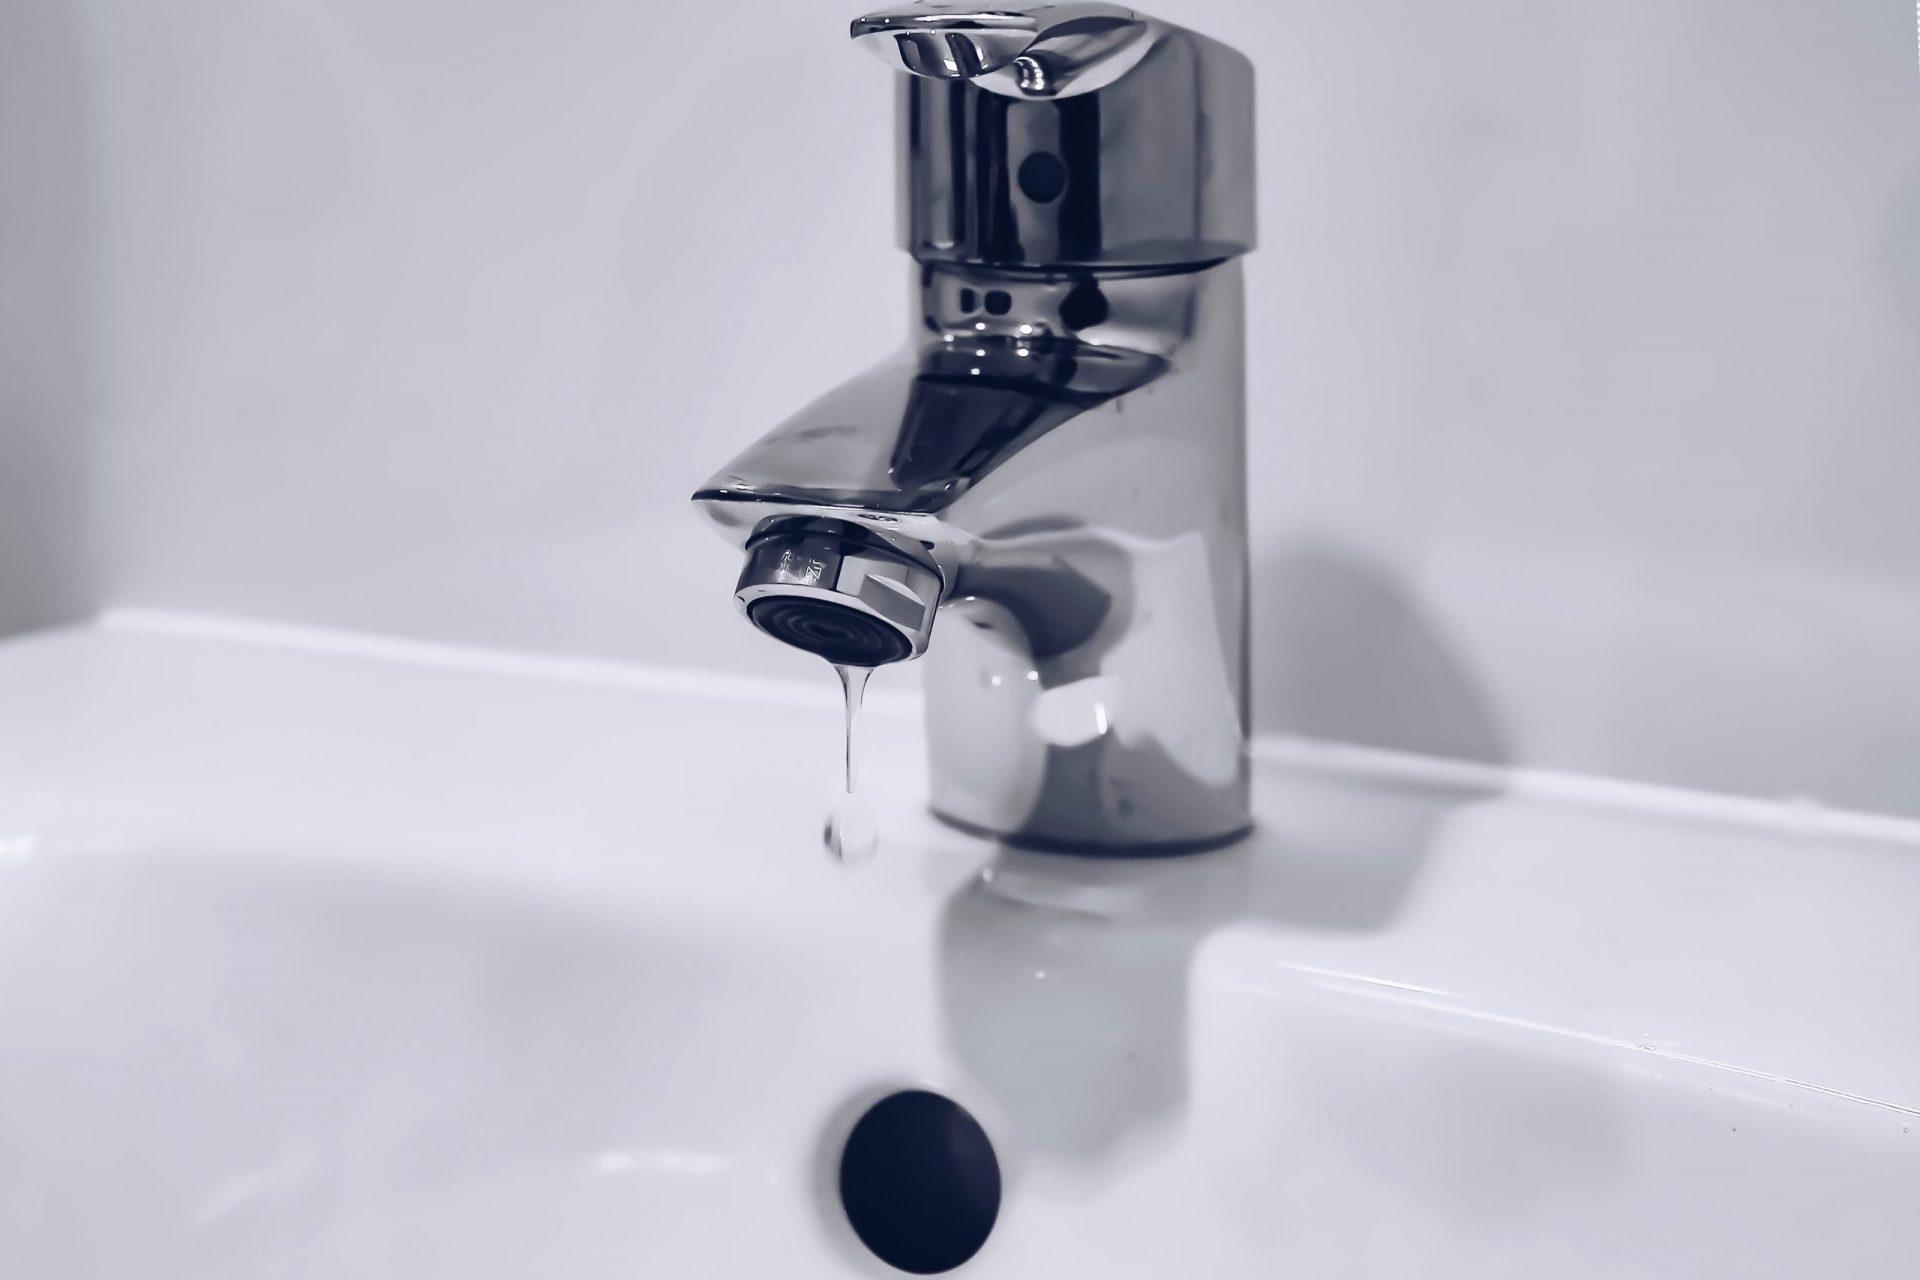 Der Sanitär bei Reci Haustechnik testet, ob die Wasserversorgung funktioniert